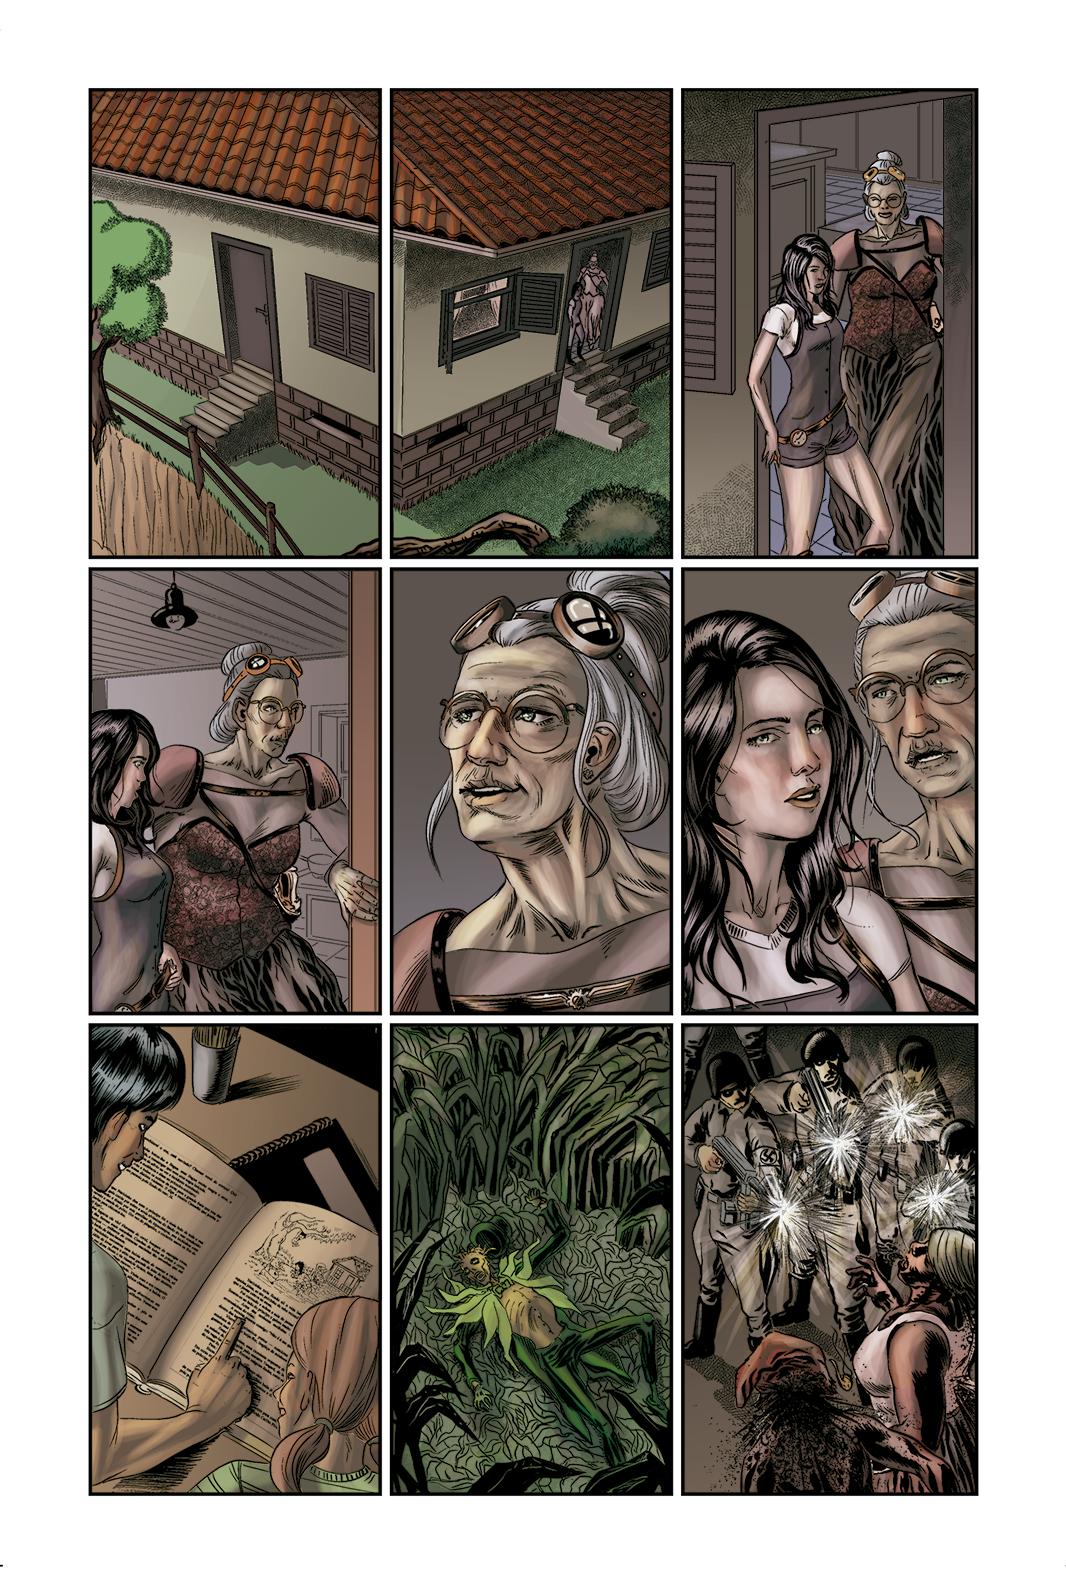 """Página 2 de """"E.M.1 L 1.4"""", da antologia RANCHO DO CORVO DOURADO, de 2019. Linhas e colorização."""